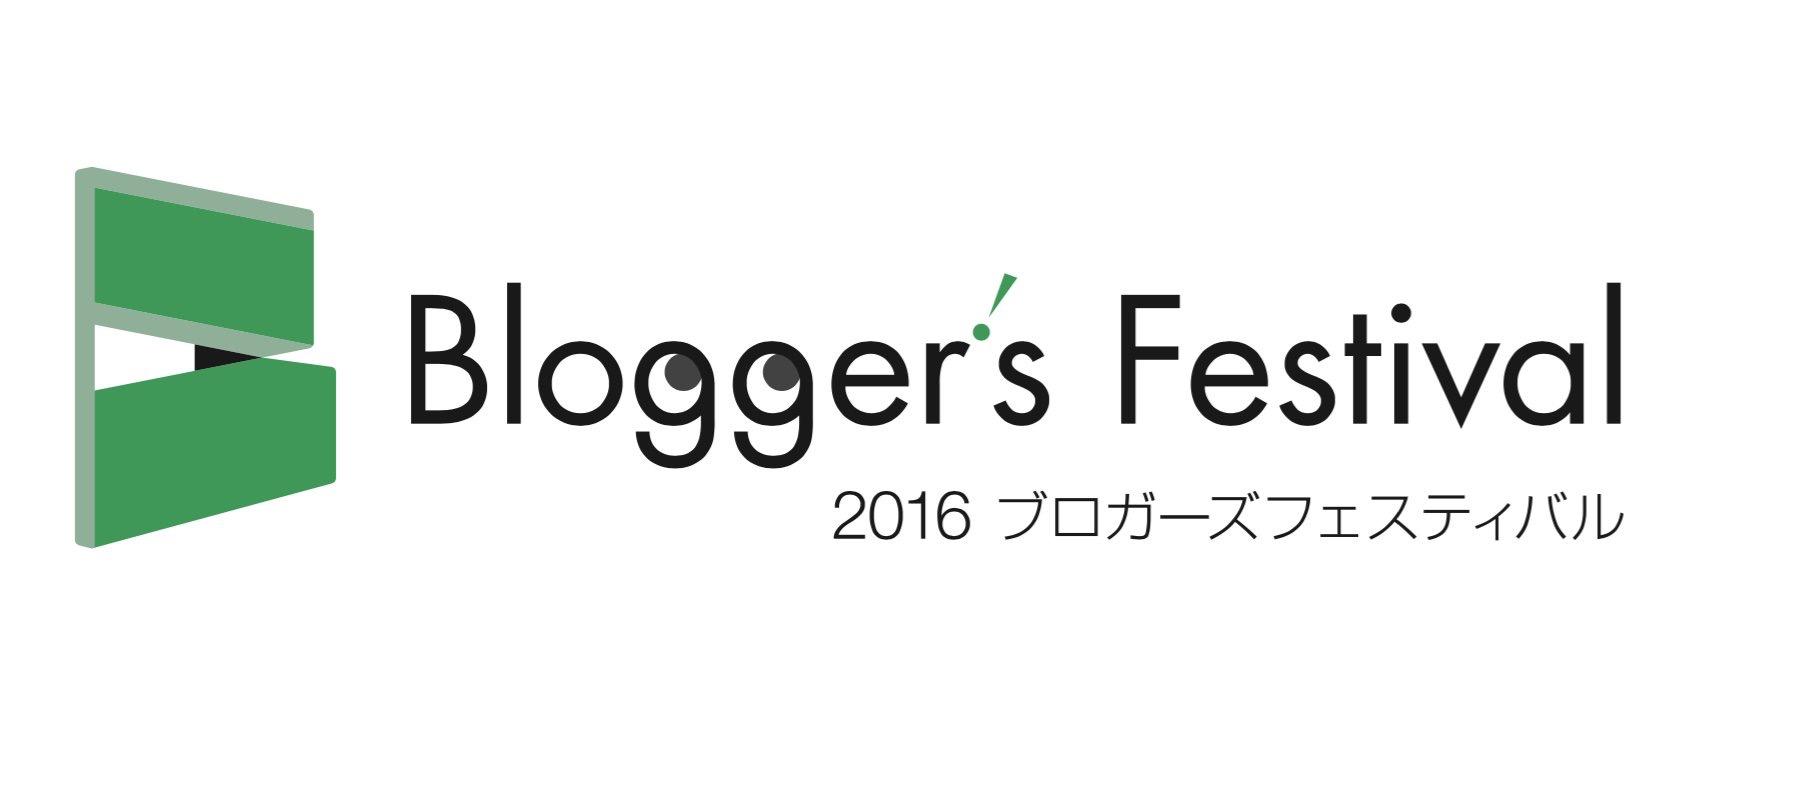 2016ブロガーズフェスティバルのOPMLを公開します! #ブロフェス2016